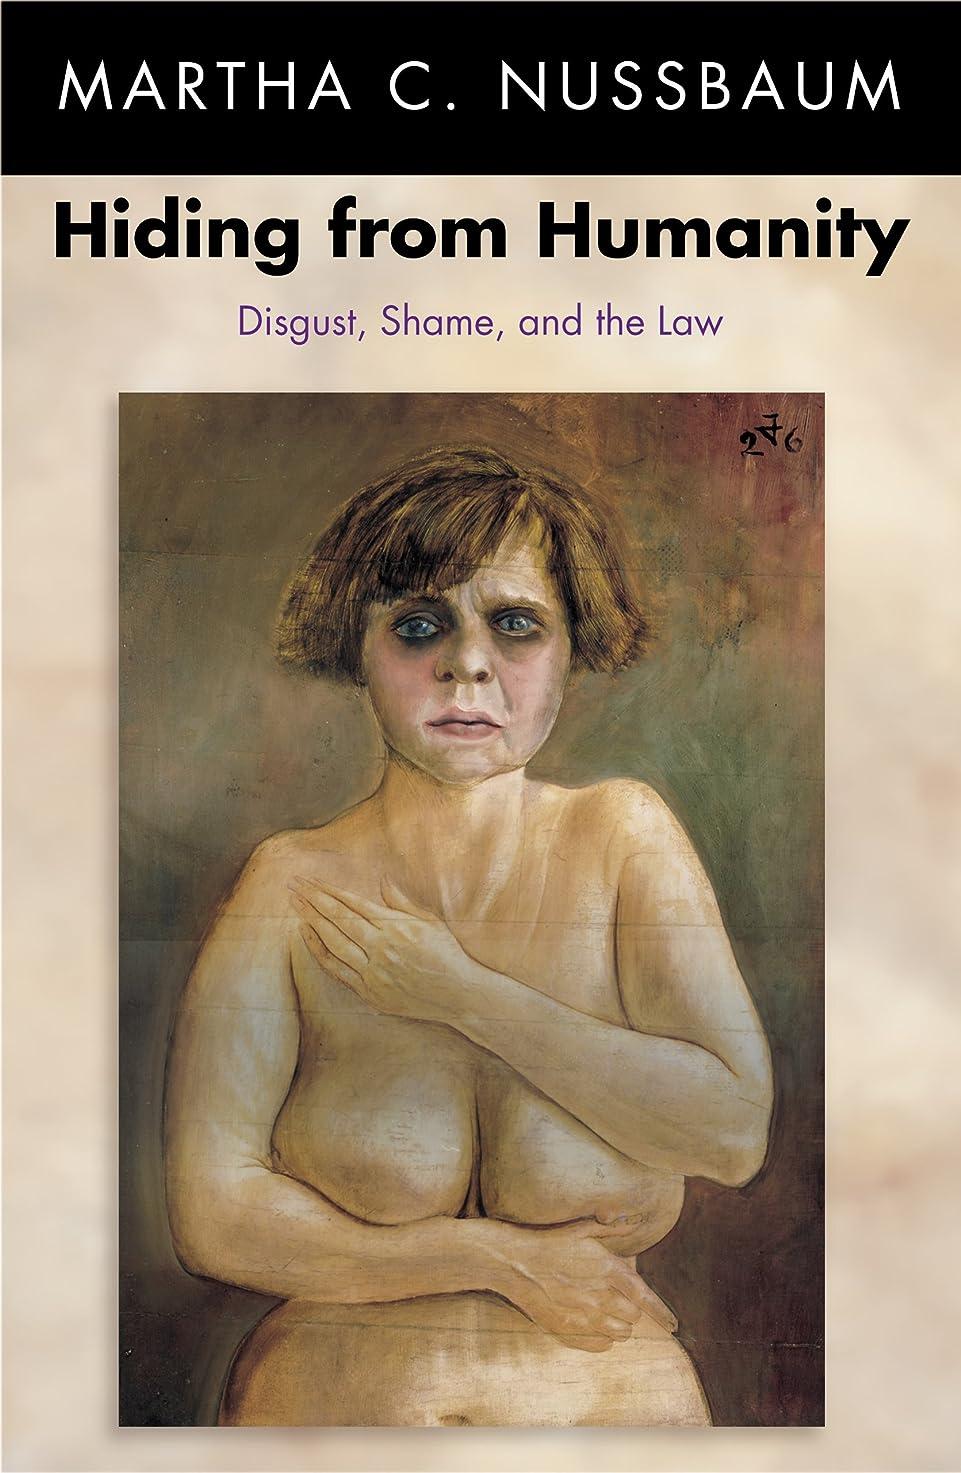 フローティング慣らすつぼみHiding from Humanity: Disgust, Shame, and the Law (English Edition)